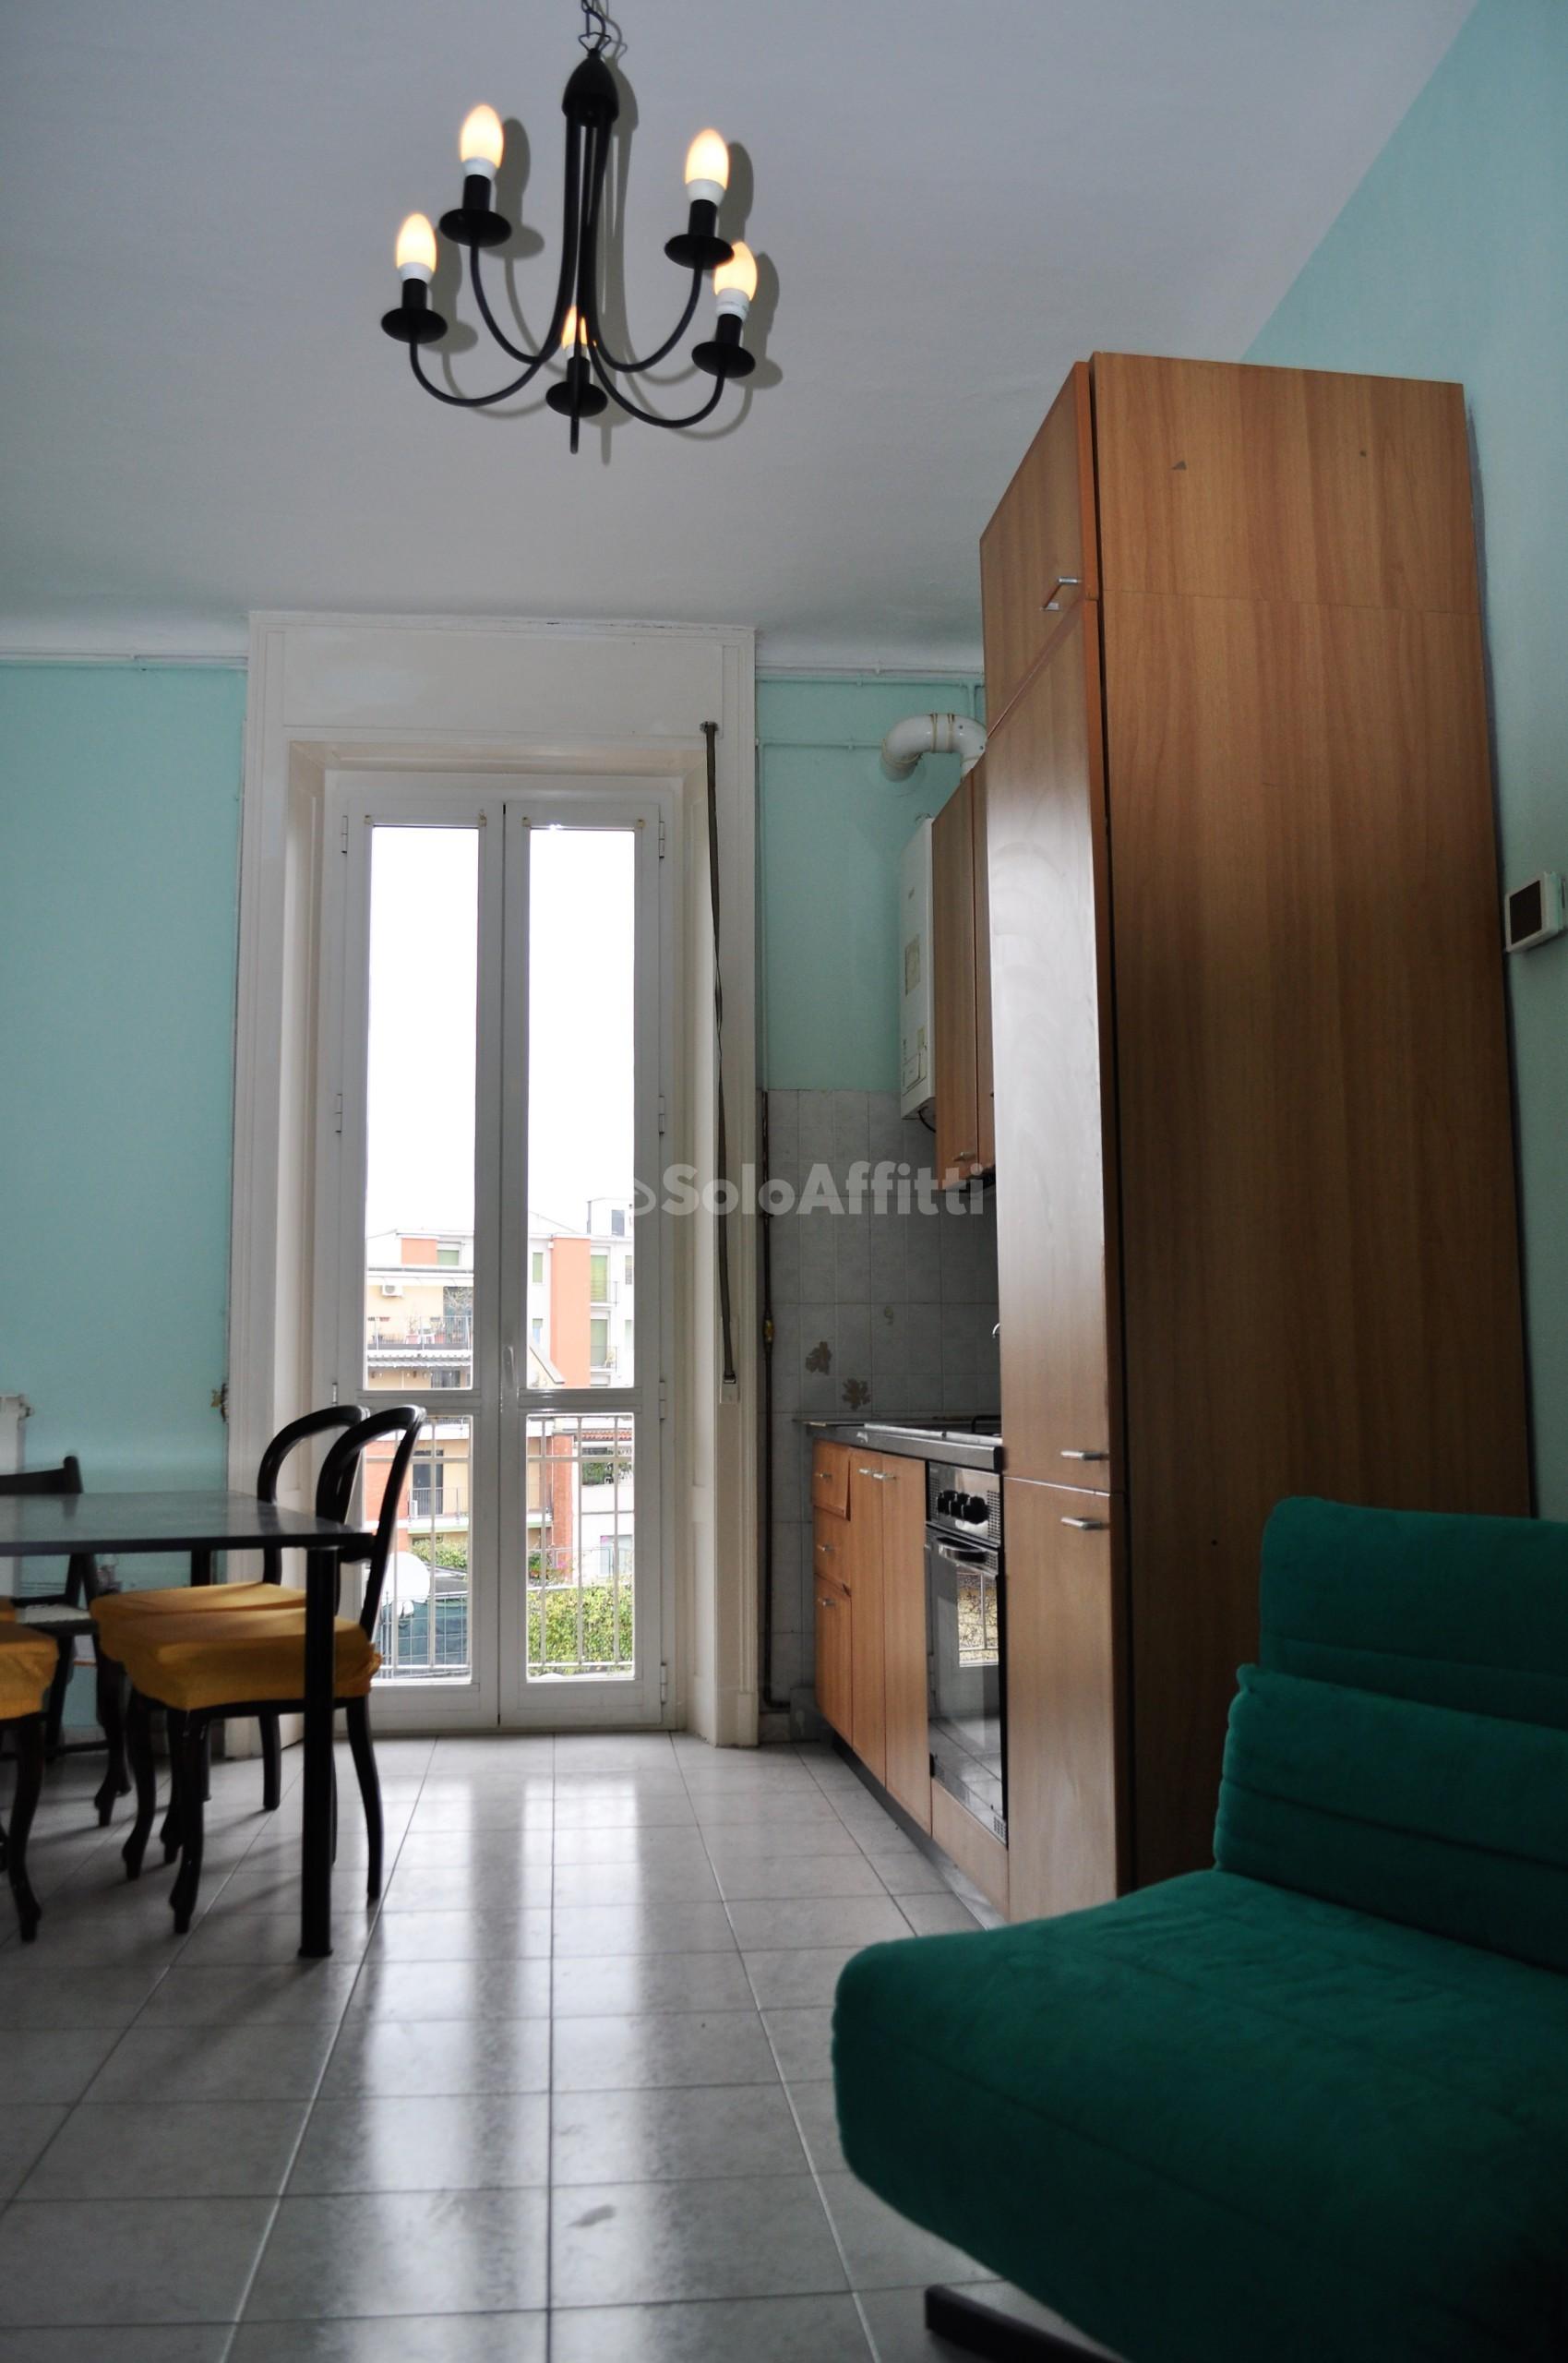 Affitto appartamento bilocale arredato 60 mq for Affitto bilocale arredato